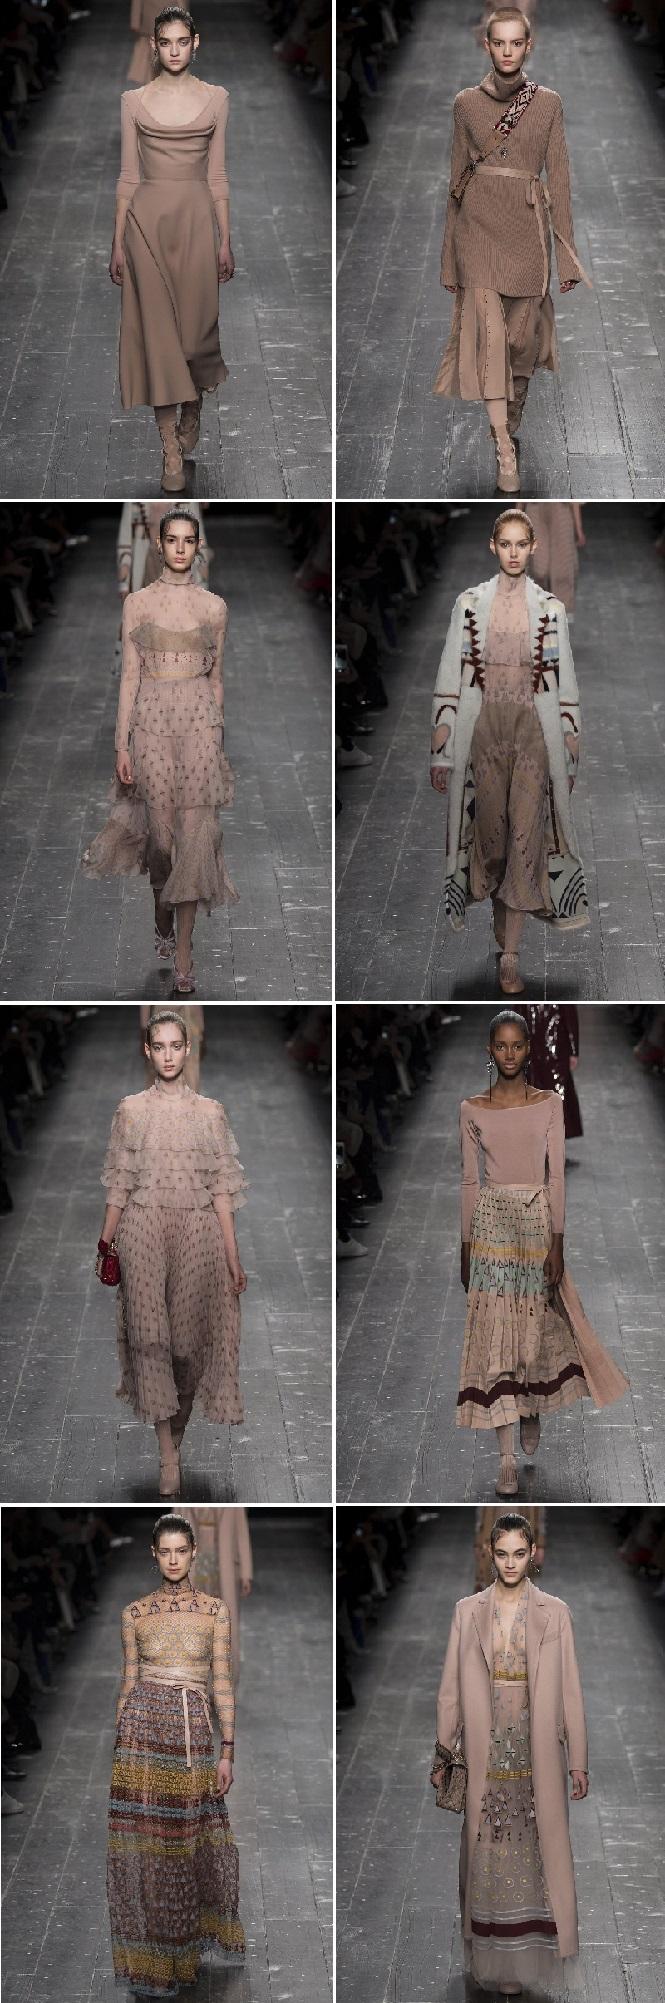 Коллекция показа мод в милане